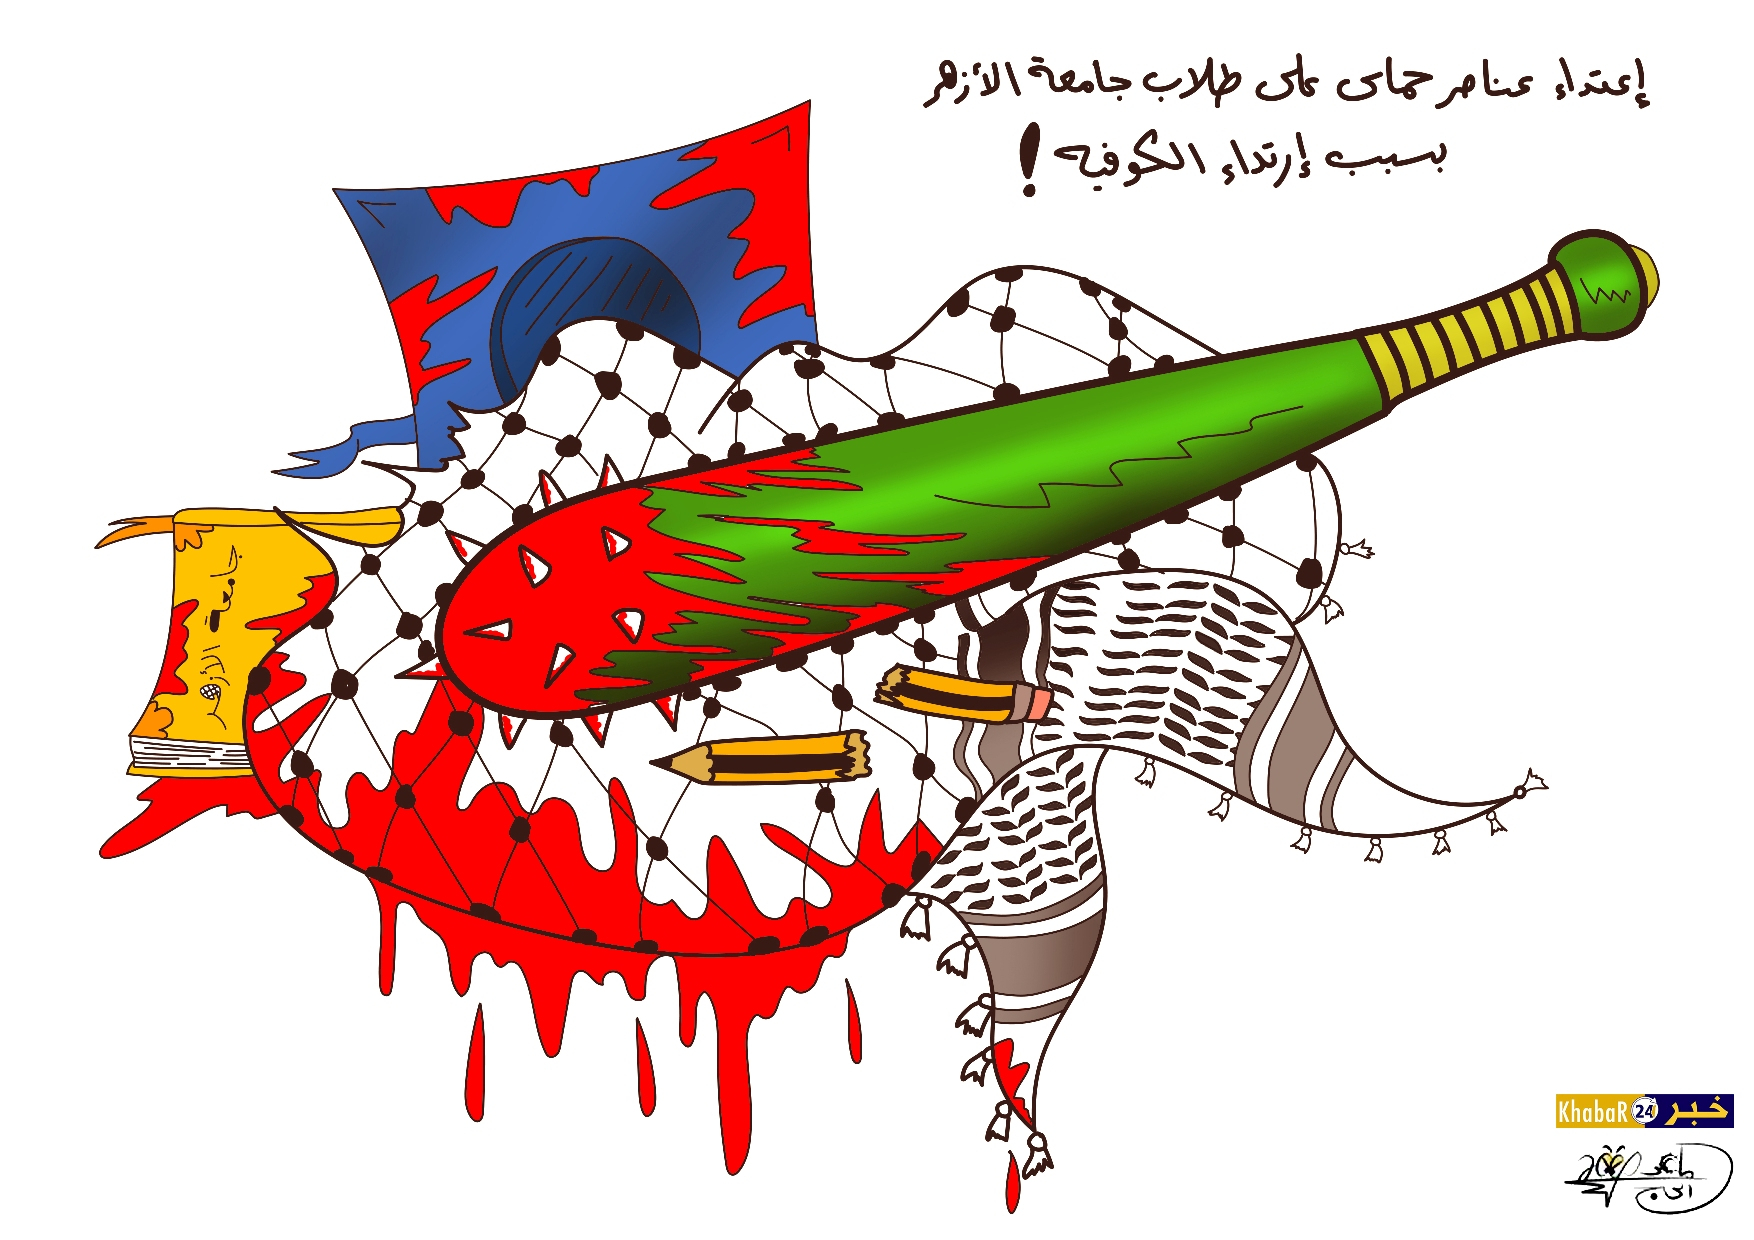 """حماس"""" تعتدي على الكوفية"""""""